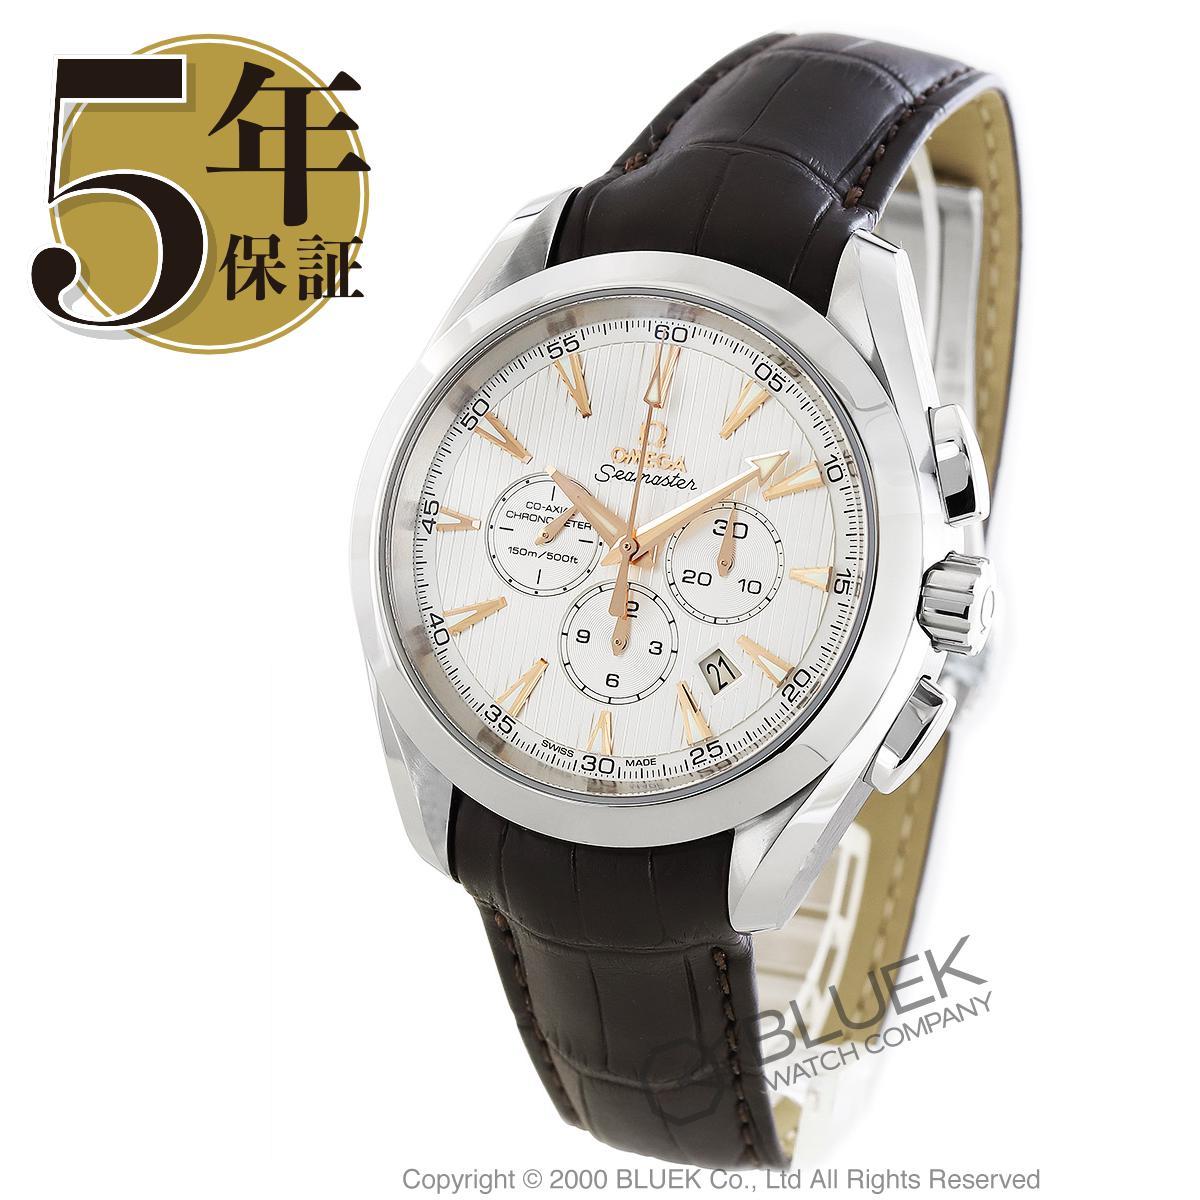 オメガ シーマスター アクアテラ クロノグラフ アリゲーターレザー 腕時計 メンズ OMEGA 231.13.44.50.02.001_5